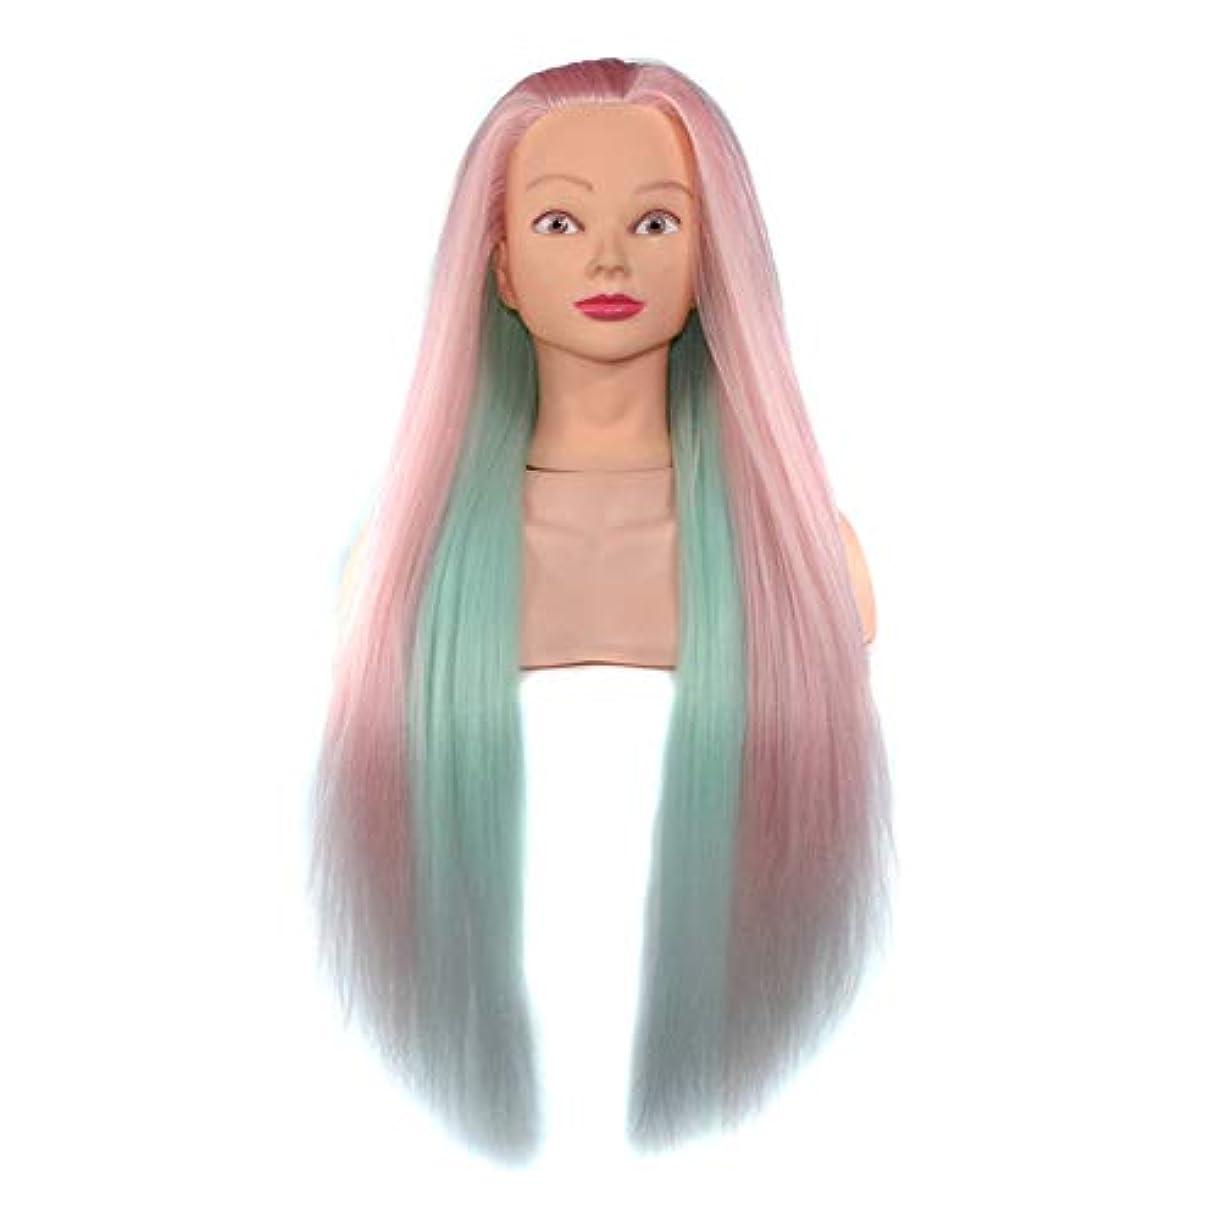 刺しますケーブルカーダウンタウンヘアスタイリング練習ディスクヘア学習ヘッドモデル美容院高温ワイヤートレーニングヘッドマネキン人形ヘッド